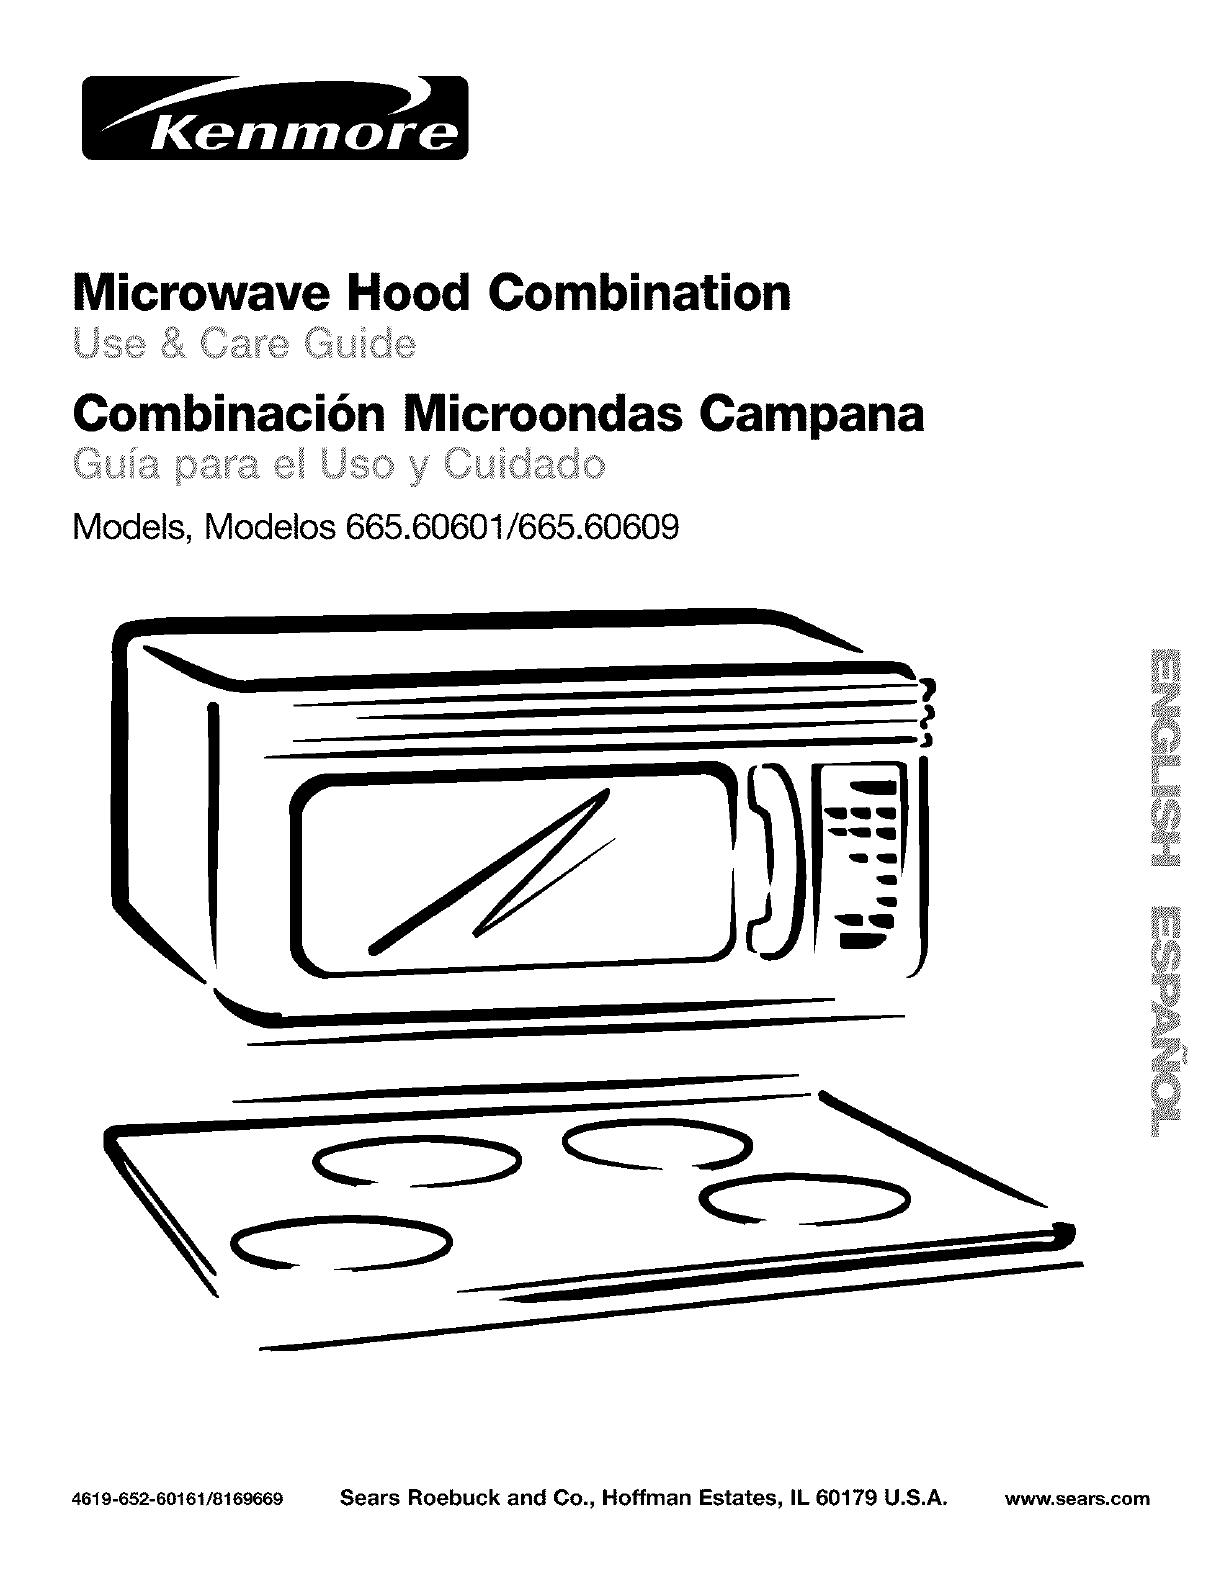 Kenmore Microwave Owners Manual